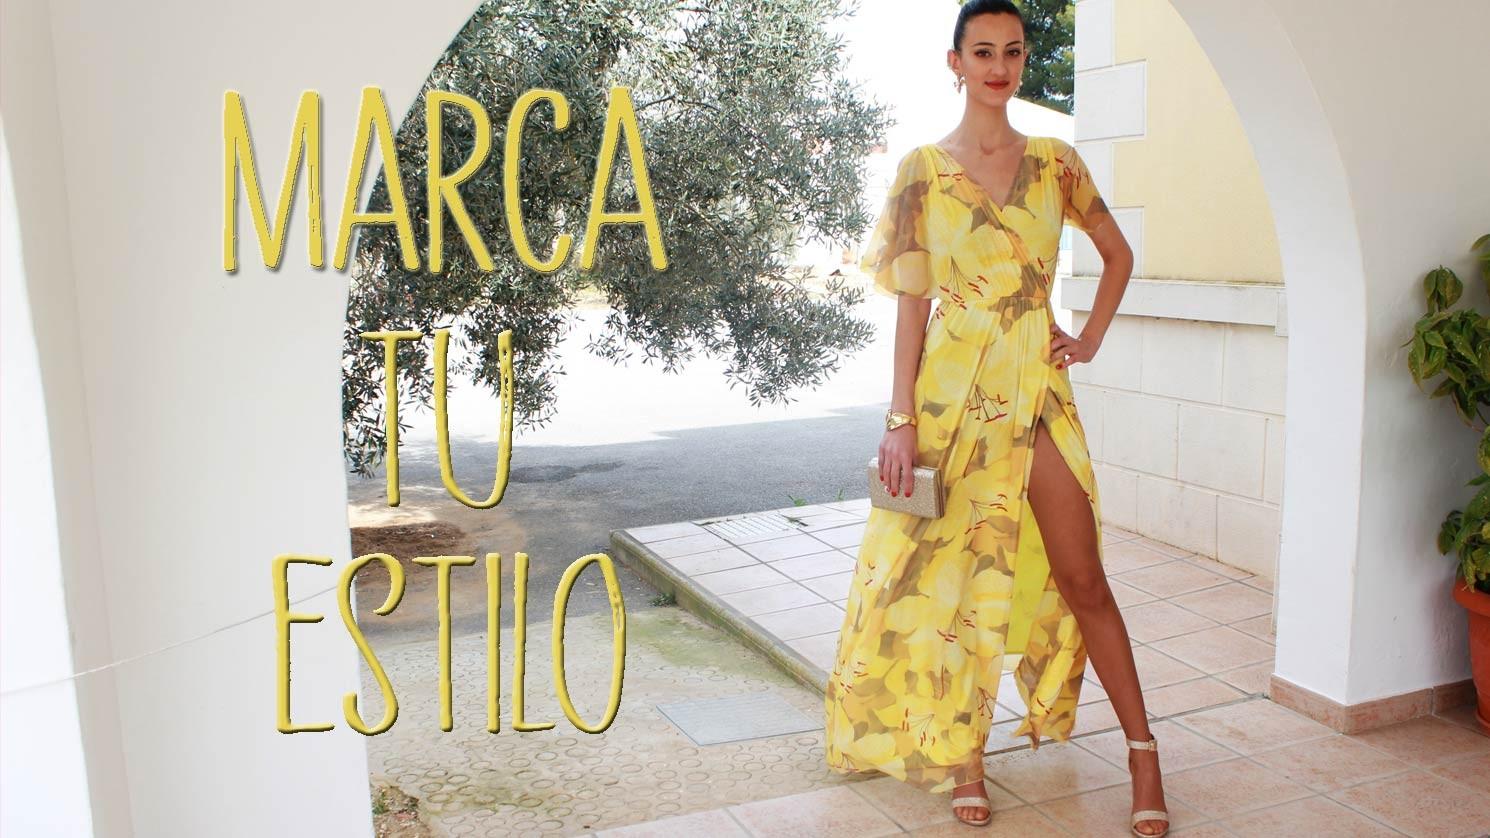 561954c3878 Tienda de moda para mujer y hombre: comprar ropa online-La Corona Moda - La  Corona Moda